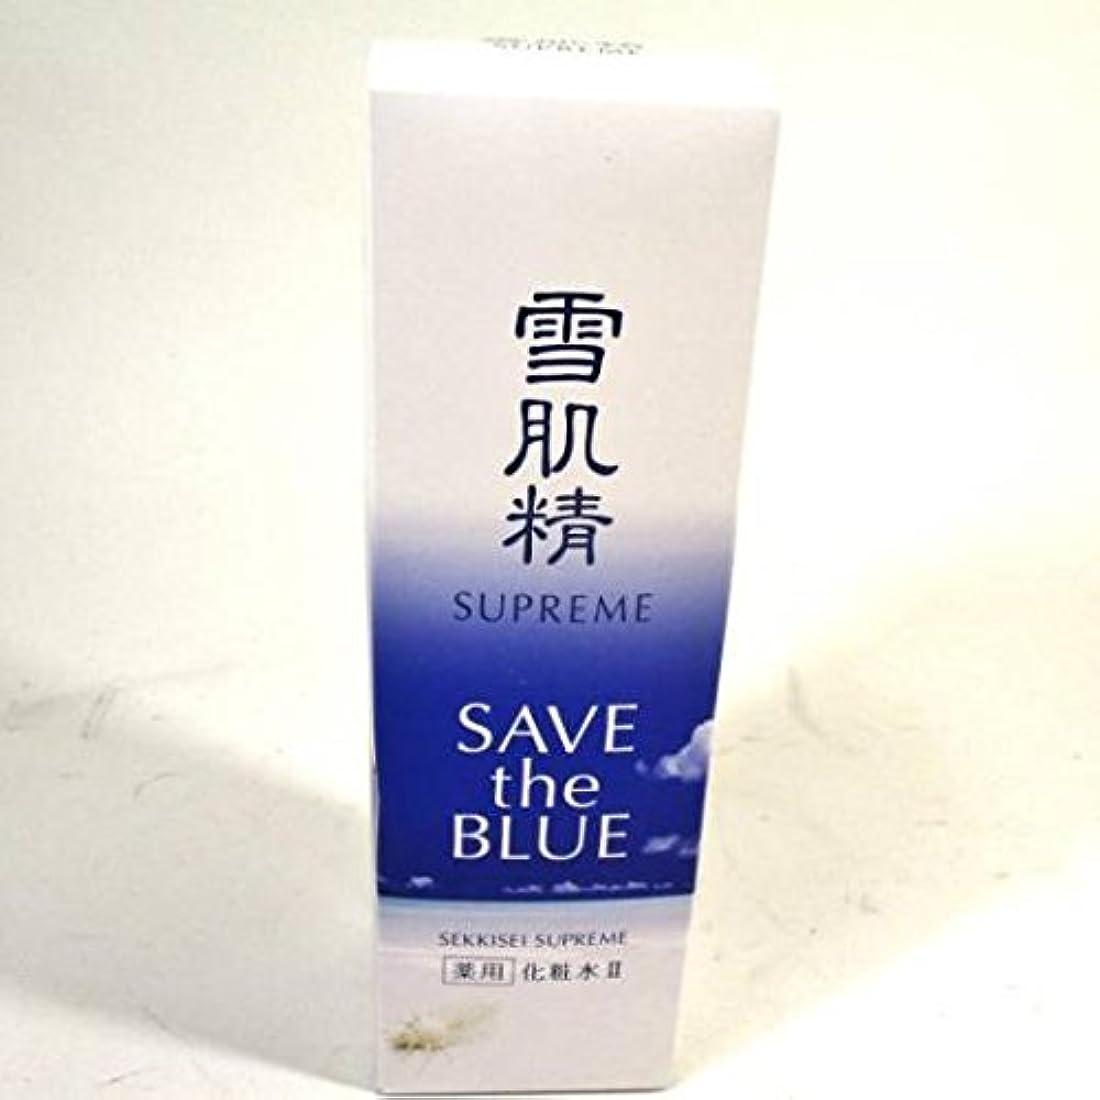 開始開発電気技師コーセー 雪肌精 シュープレム 化粧水 Ⅱ 「SAVE the BLUE」 400ml